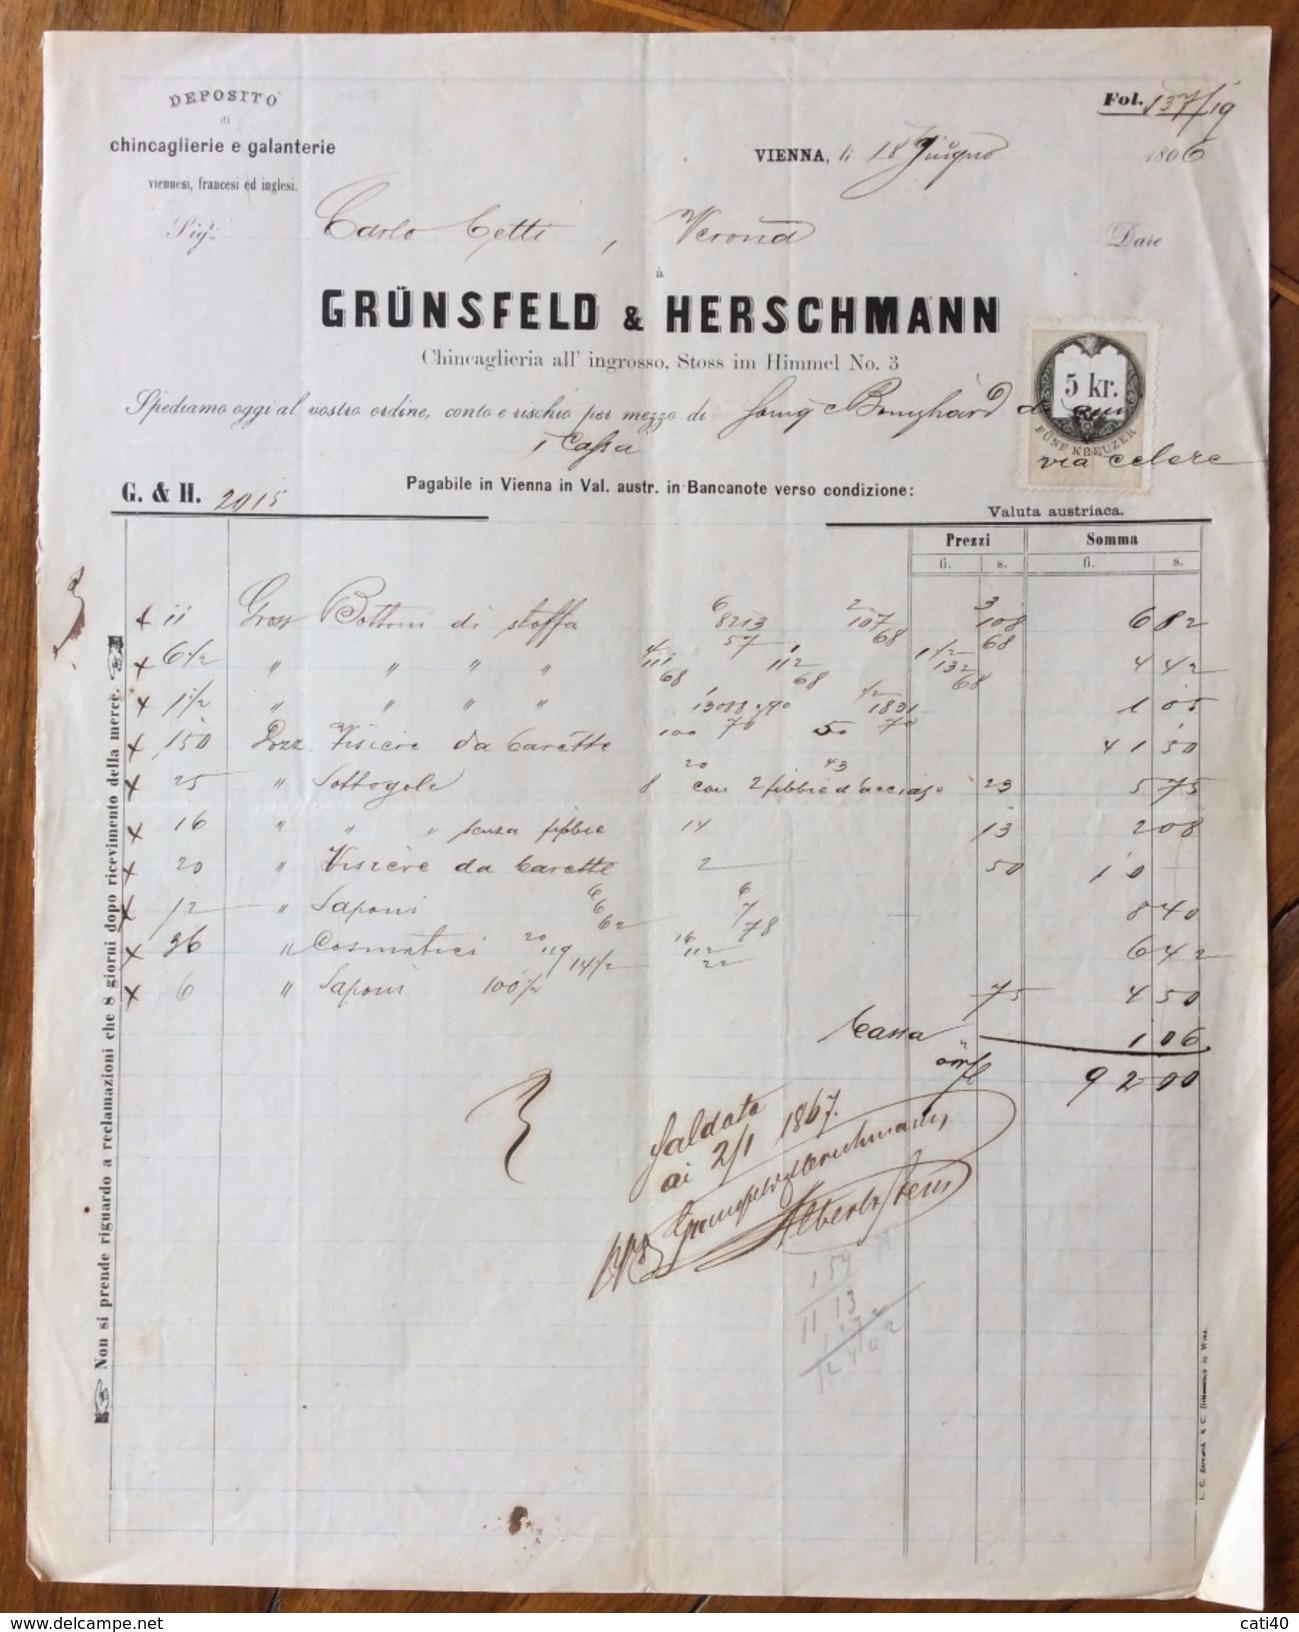 FATTURA PUBBLICITARIA   GRÜNSFELD & HERSCHMANN Chincaglierie E Galanterie In VIENNA DEL 18/6/1866    CON MARCA DA BOLLO - Austria